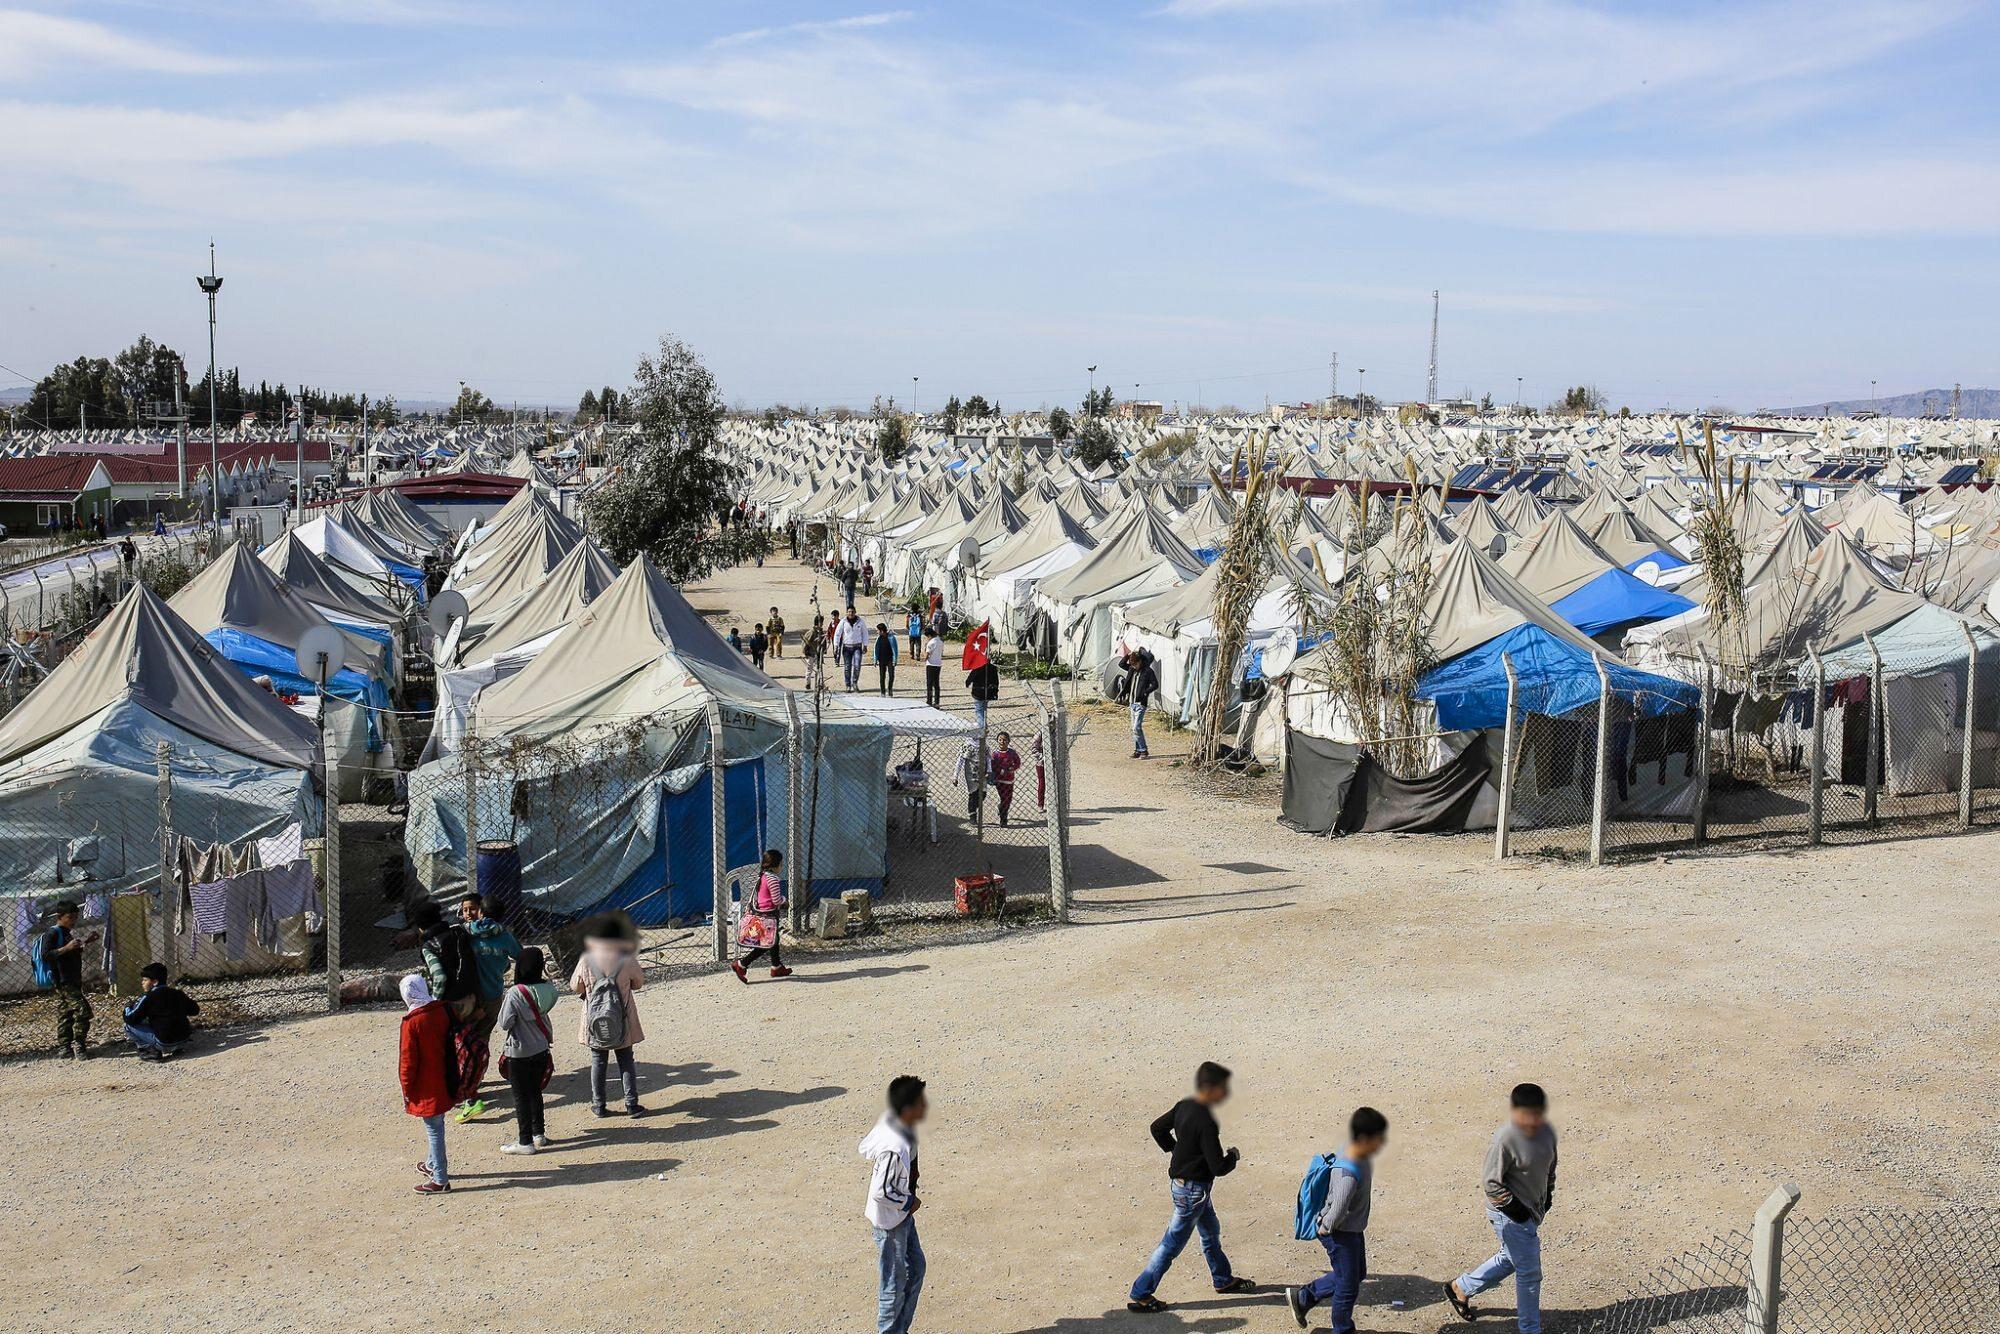 Obóz dla uchodźców w Syrii